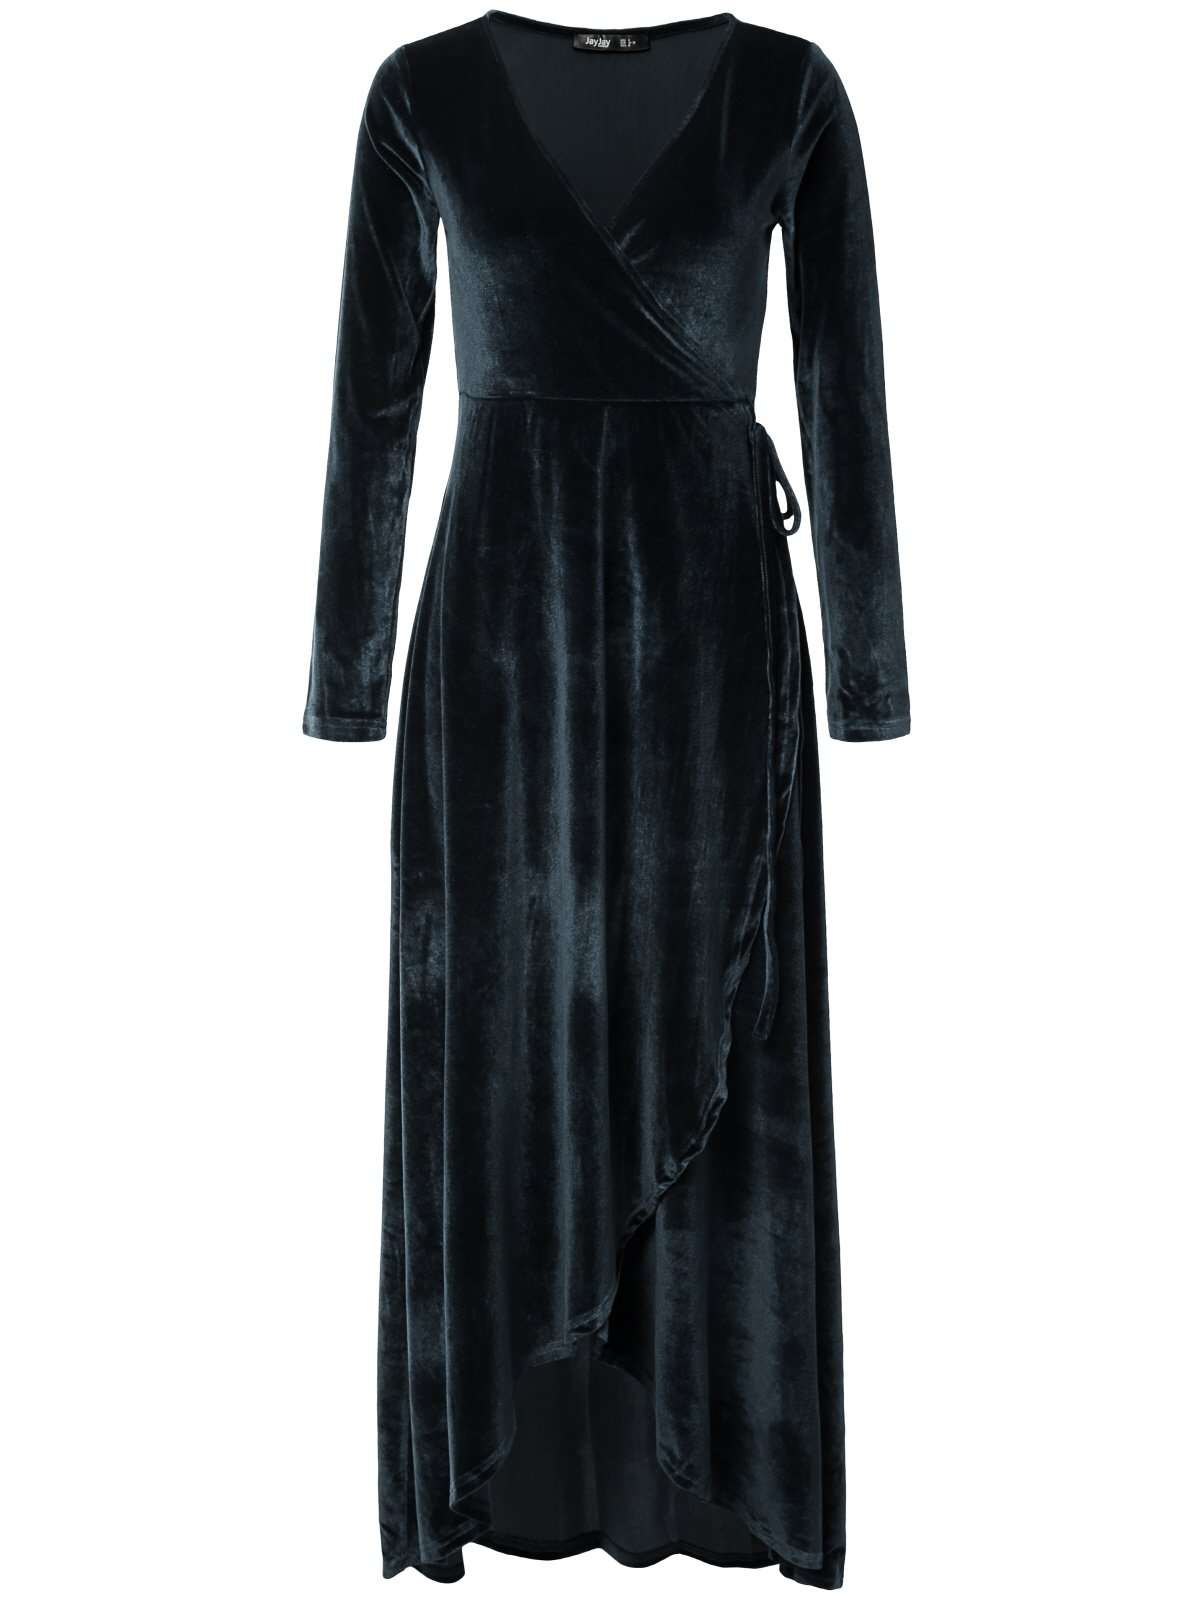 JayJay Women Retro Veltvet Faux Wrap Party Long Dress,Silverblue,M